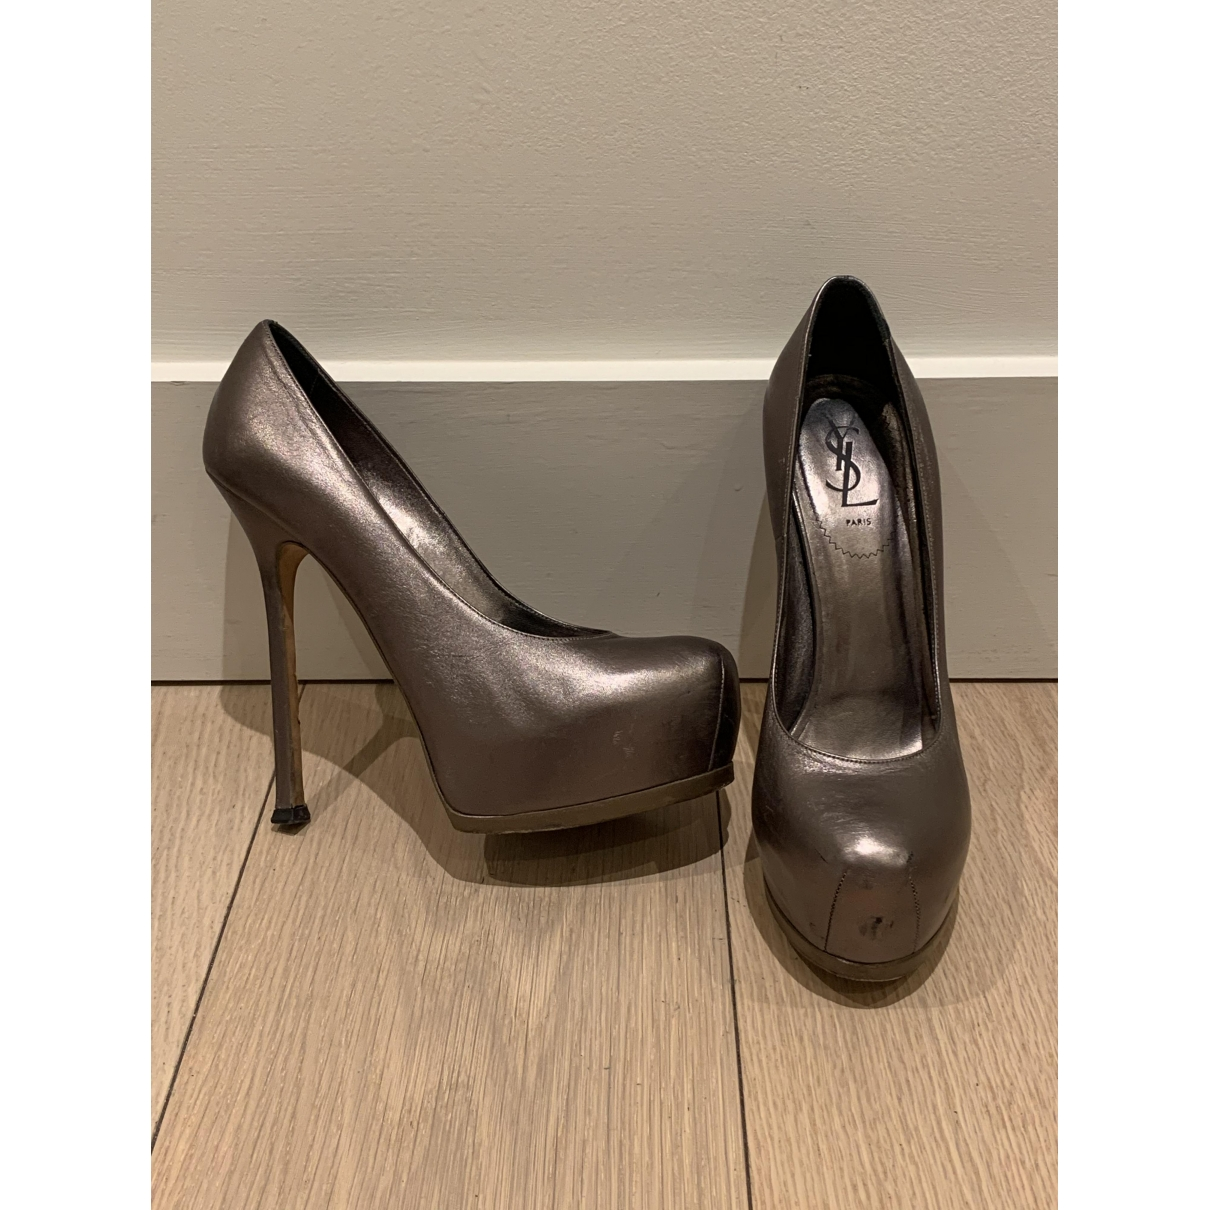 Yves Saint Laurent - Escarpins Trib Too pour femme en cuir - metallise